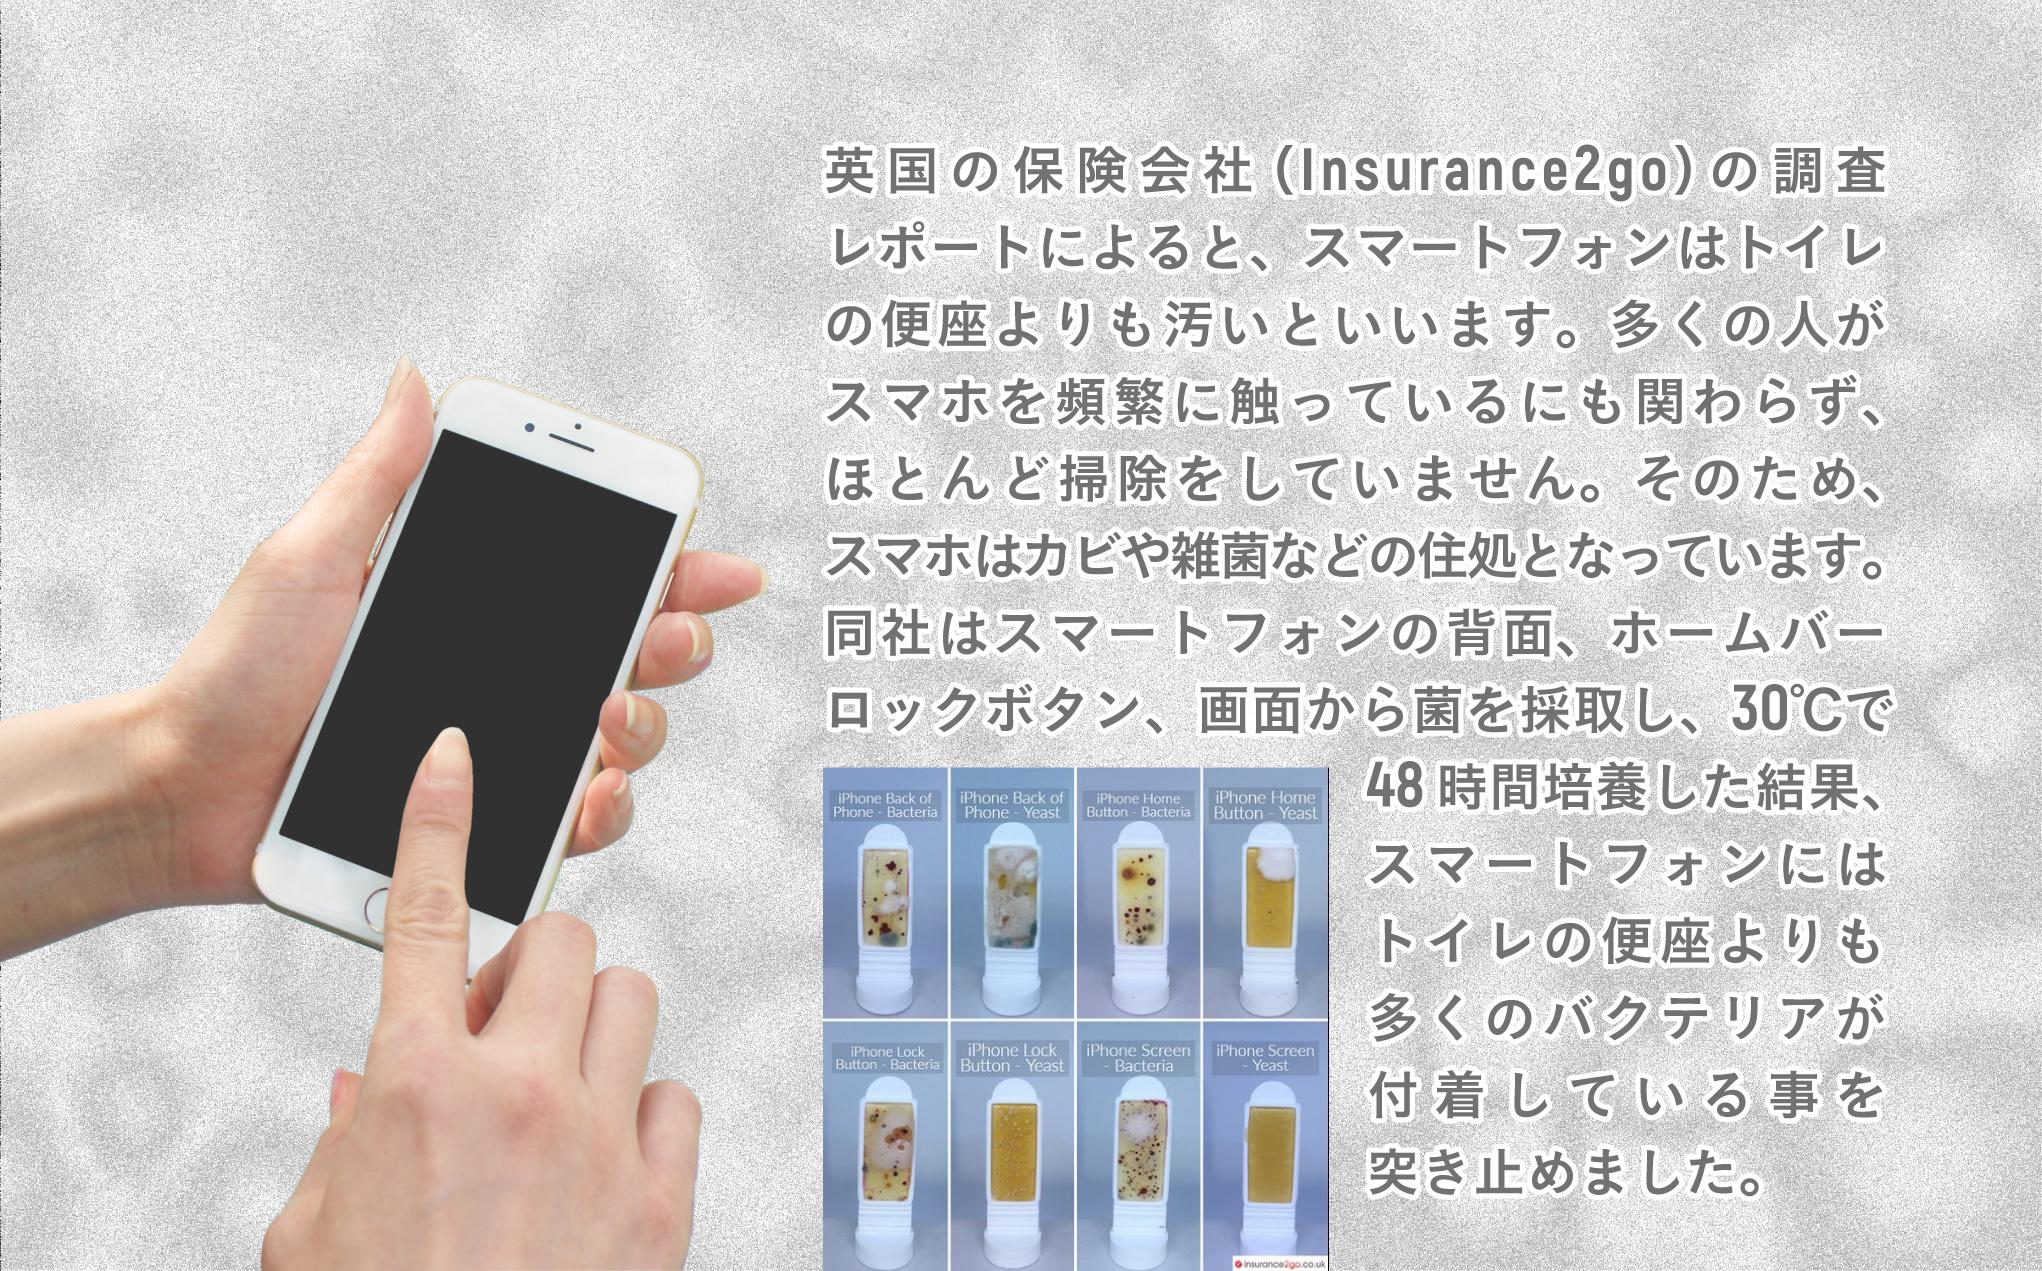 英国の保険会社(Insurance2go)の調査レポートによると、スマートフォンはトイレの便座よりも汚いといいます。多くの人がスマホを頻繁に触っているにも関わらず、ほとんど掃除をしていません。そのため、スマホはカビや雑菌などの住処となっています。同社はスマートフォンの背面、ホームバーロックボタン、画面から菌を採取し、30℃で48時間培養した結果、スマートフォンにはトイレの便座よりも多くのバクテリアが付着している事を突き止めました。